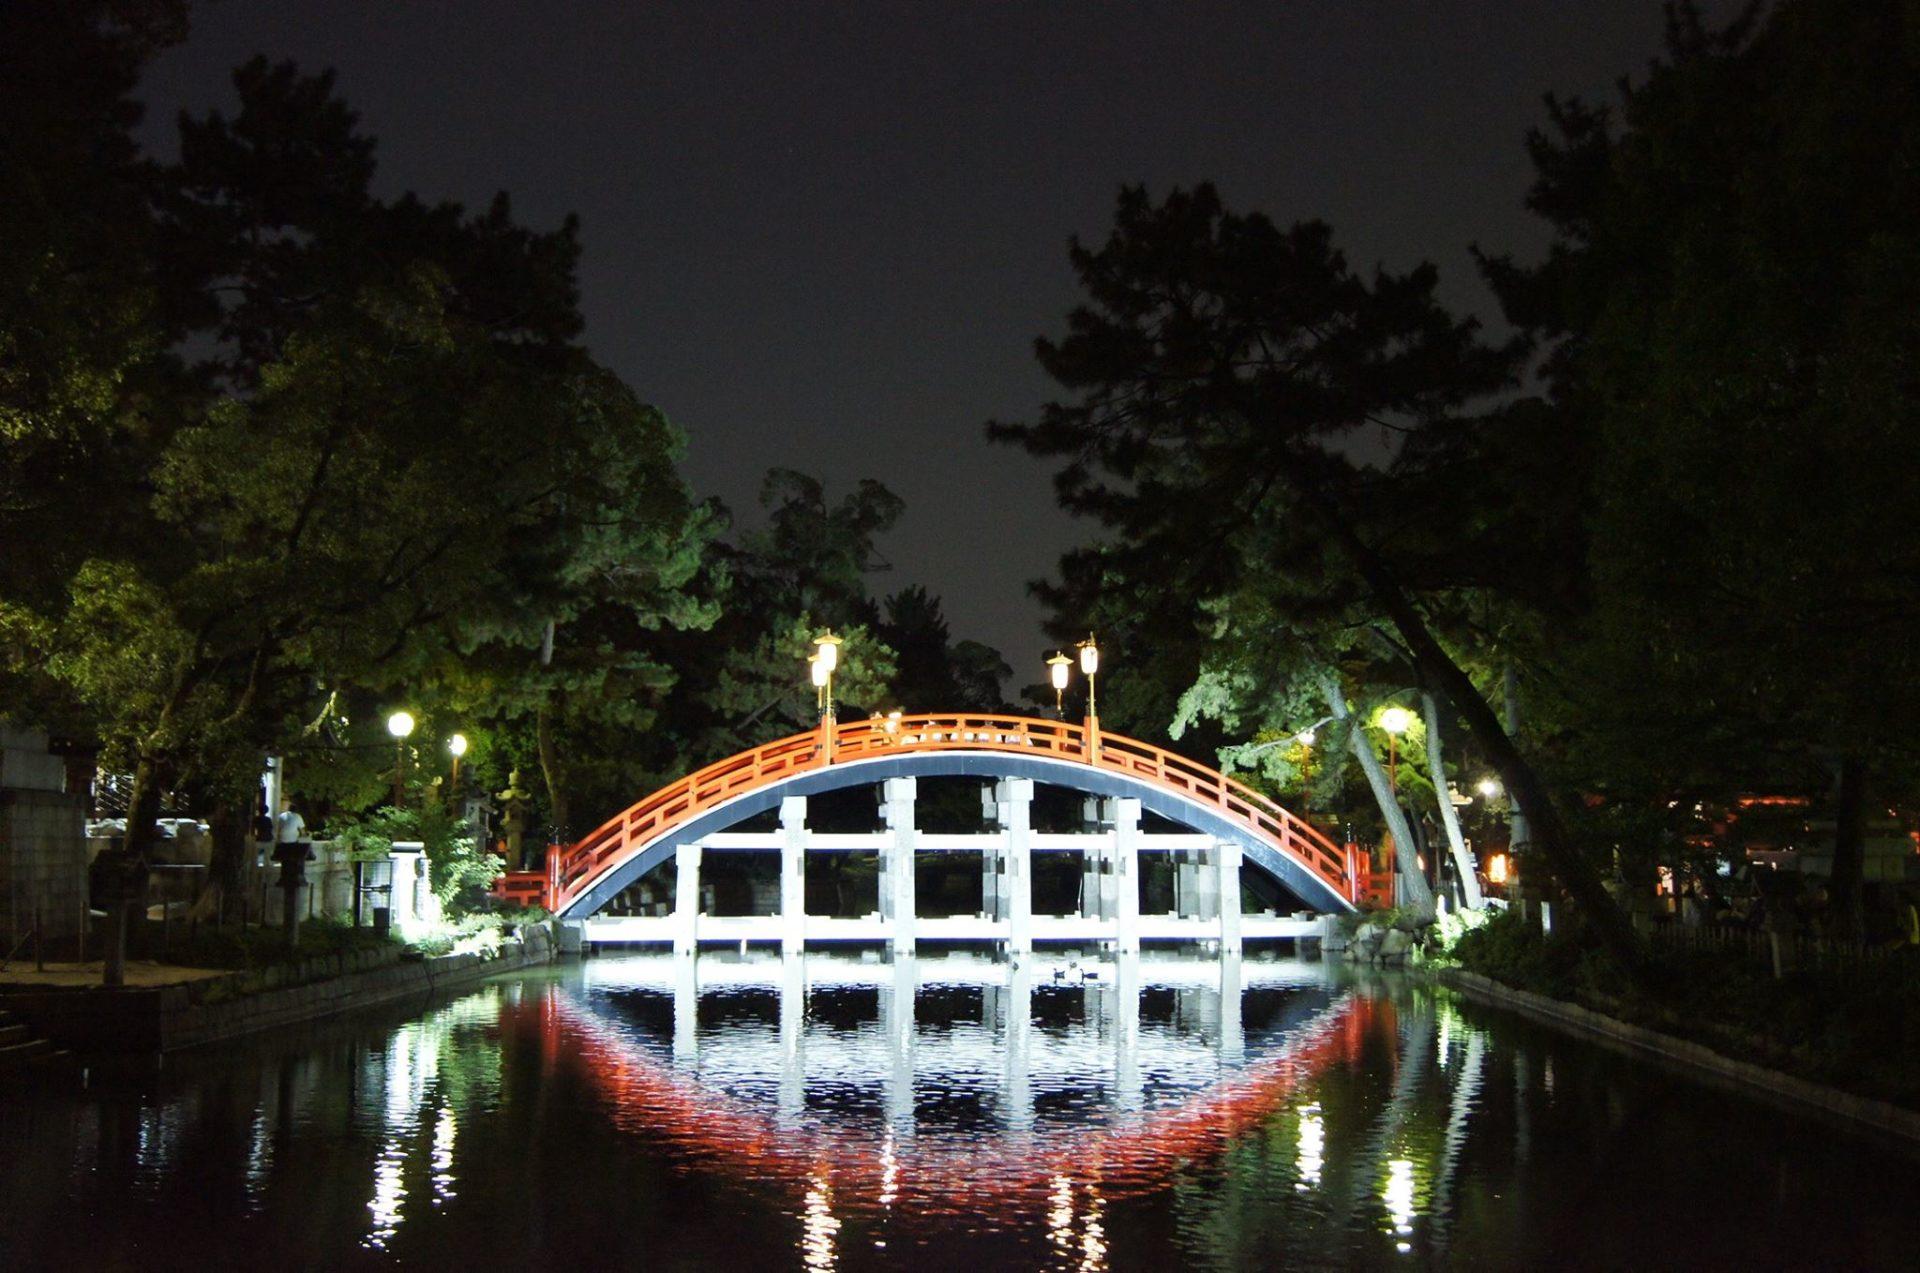 太鼓橋の夜のライトアップ